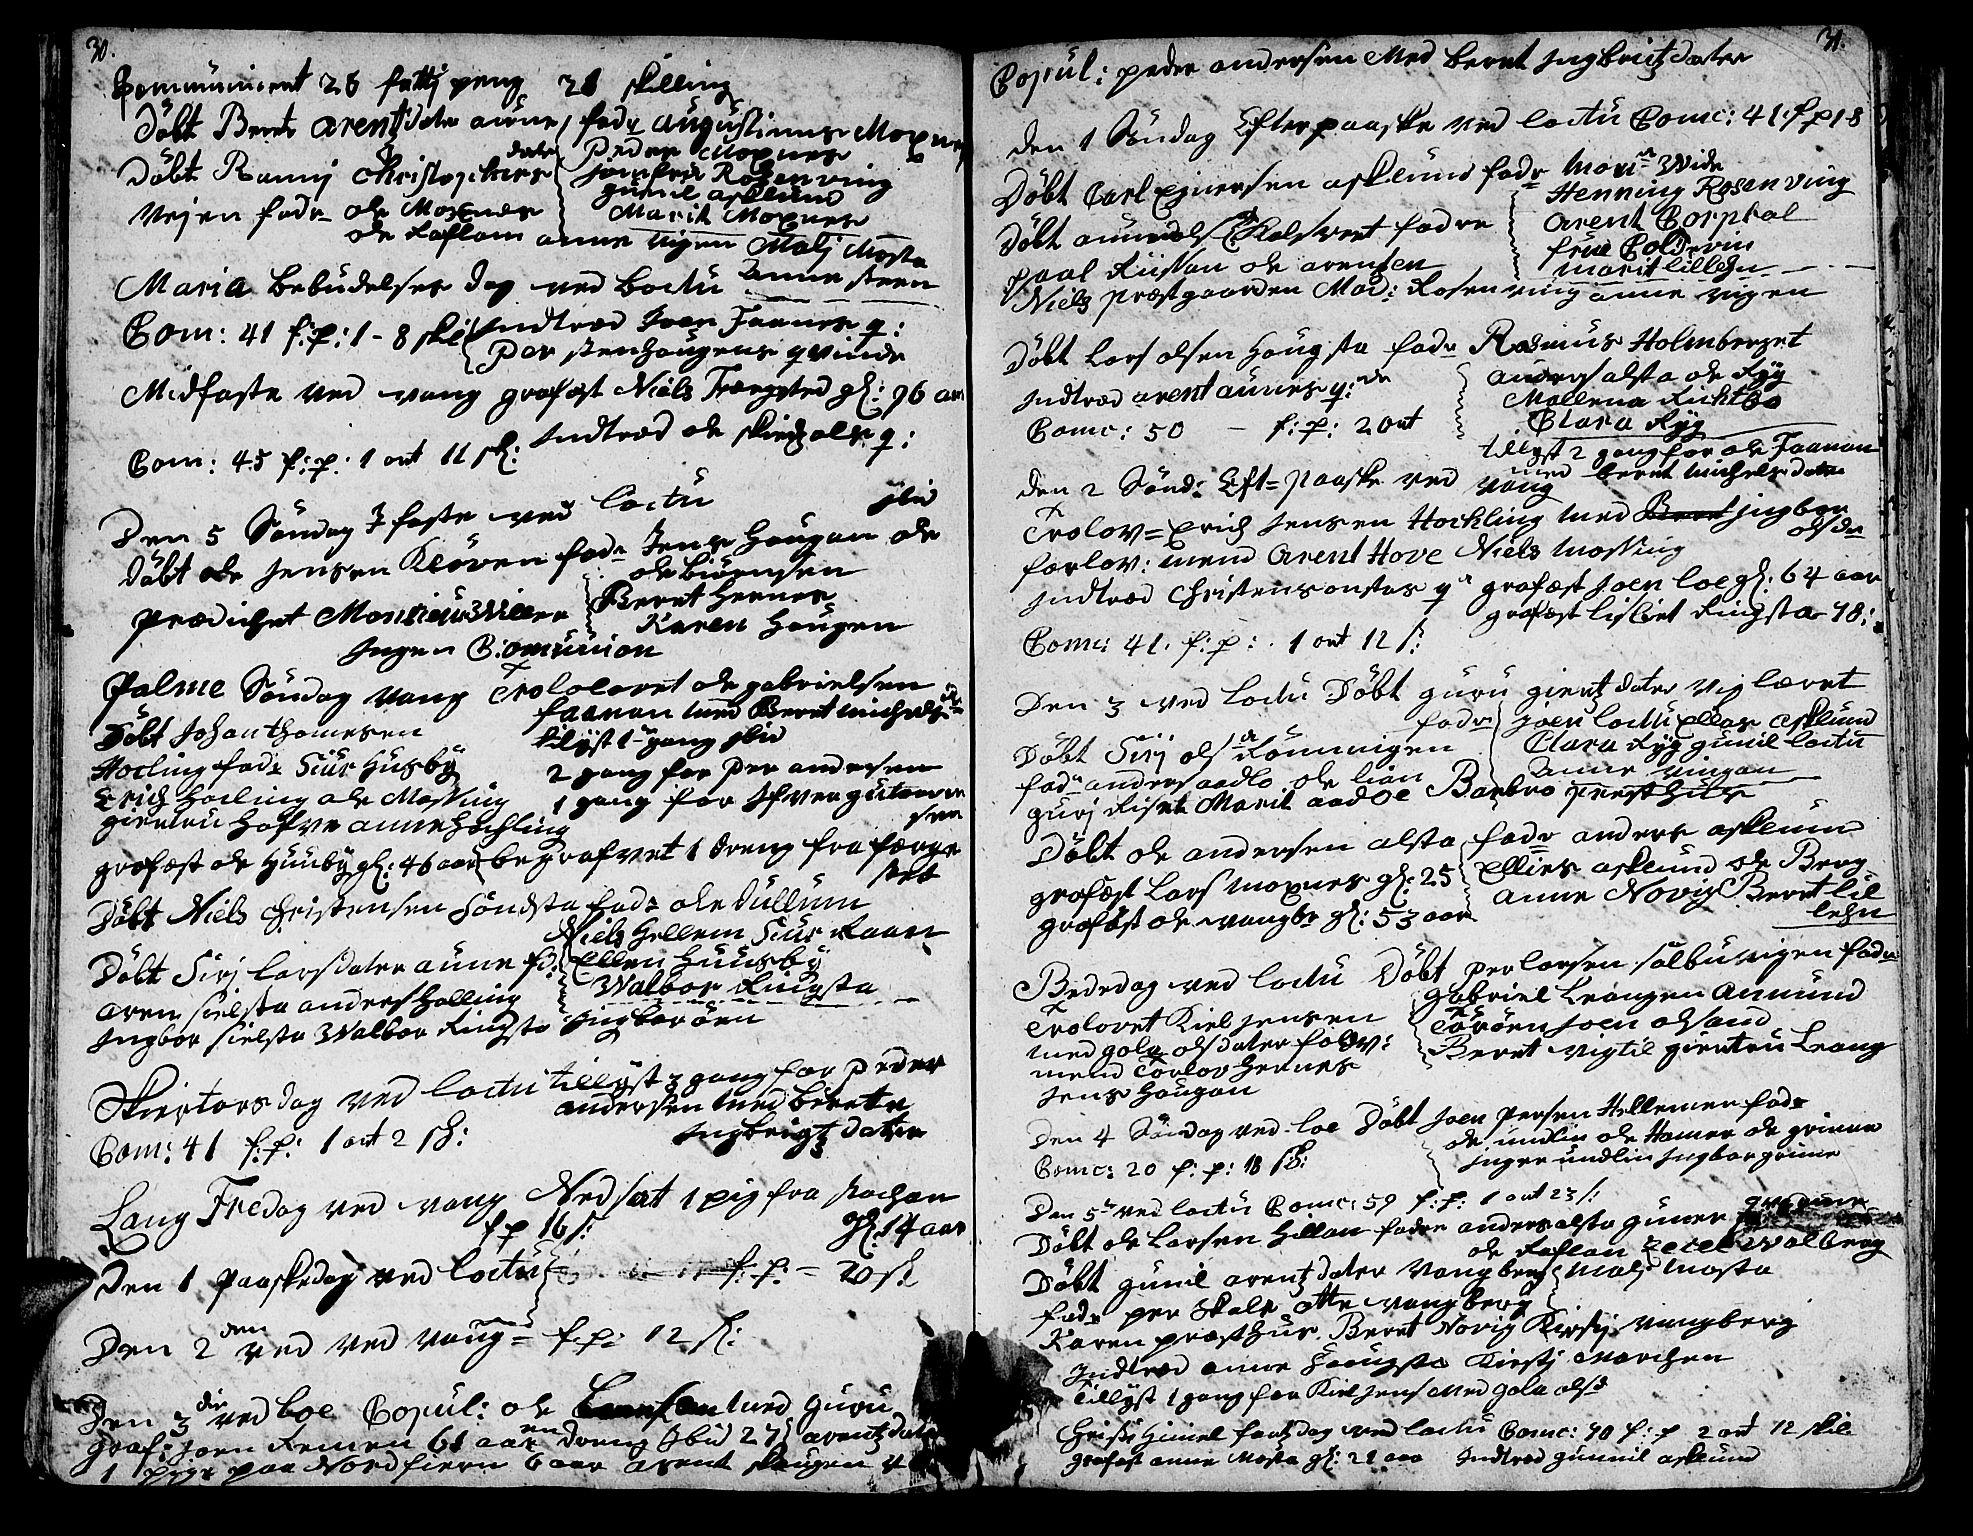 SAT, Ministerialprotokoller, klokkerbøker og fødselsregistre - Nord-Trøndelag, 713/L0109: Ministerialbok nr. 713A01, 1750-1778, s. 30-31